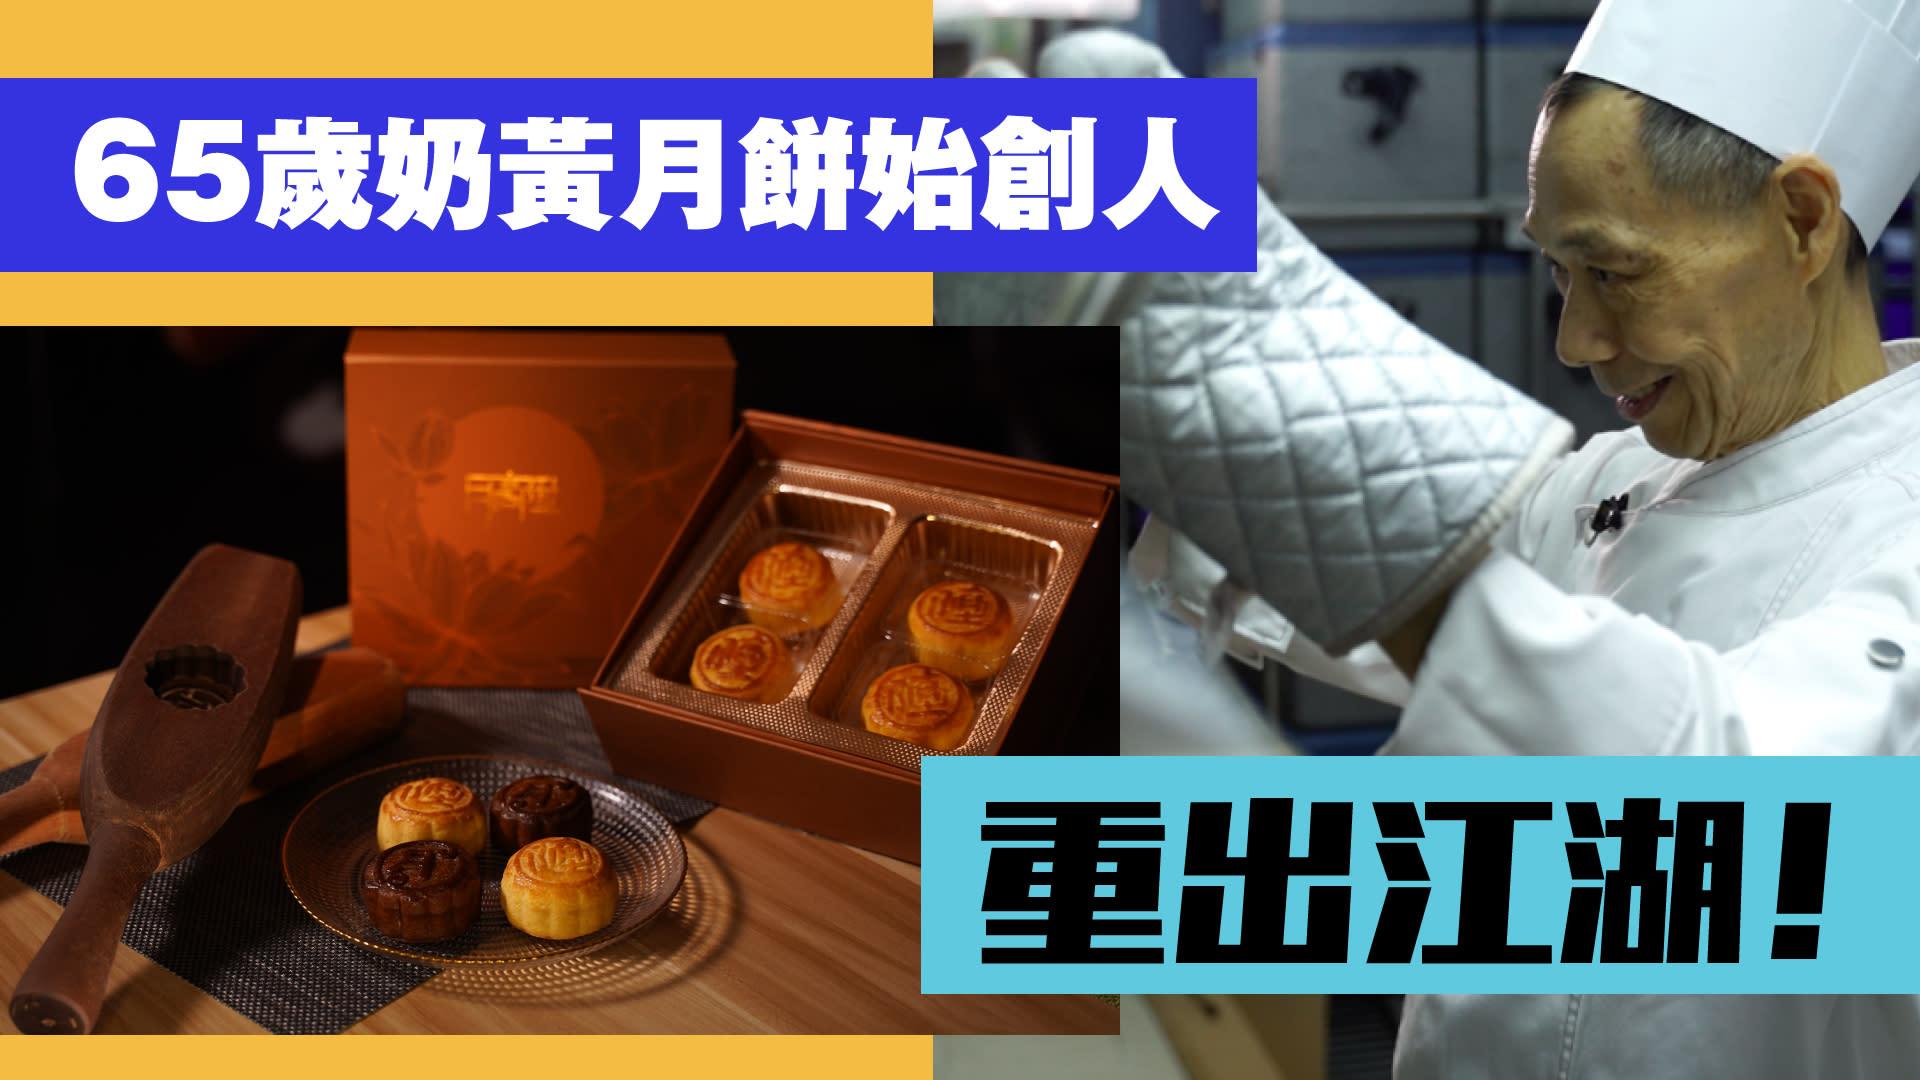 【月餅2019】65歲奶黃月餅始創人重出江湖!再創稀少糖月餅 減肥都食得?